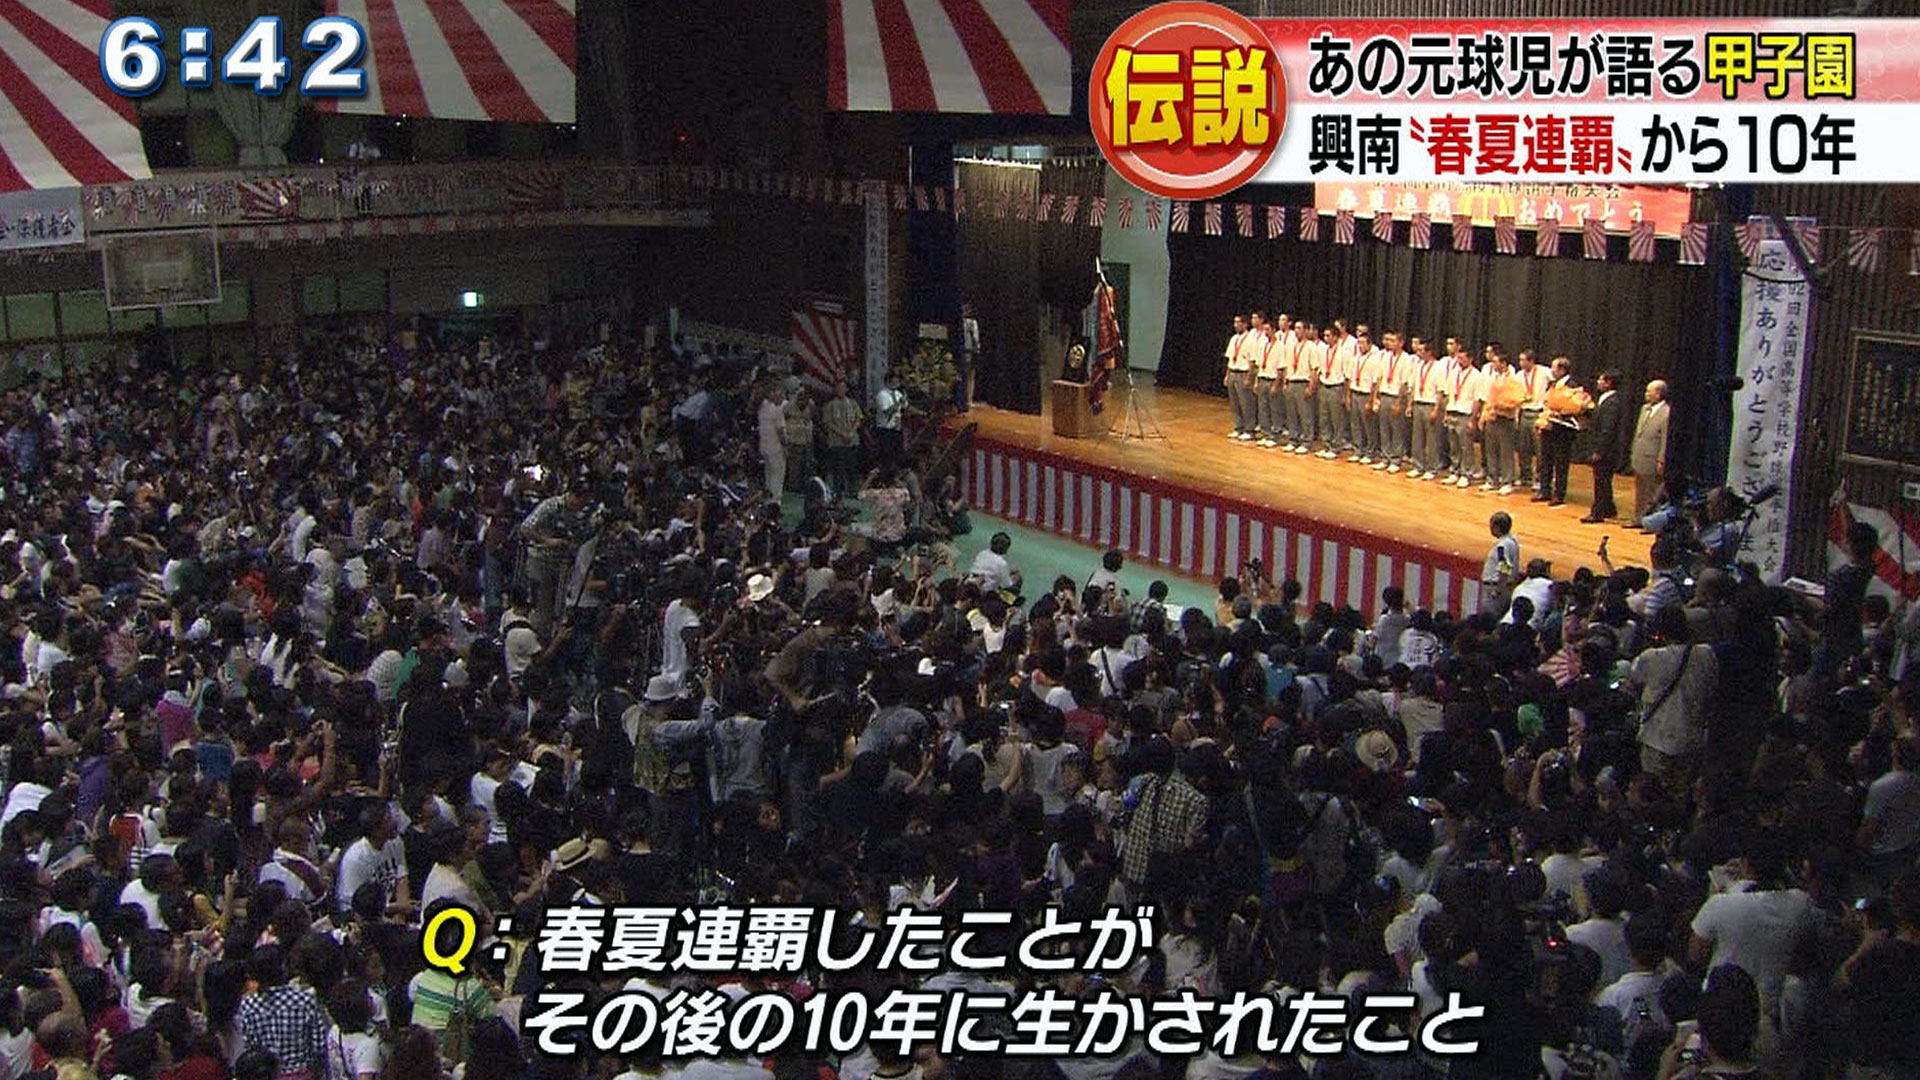 甲子園春夏連覇から10年 元球児が語る甲子園